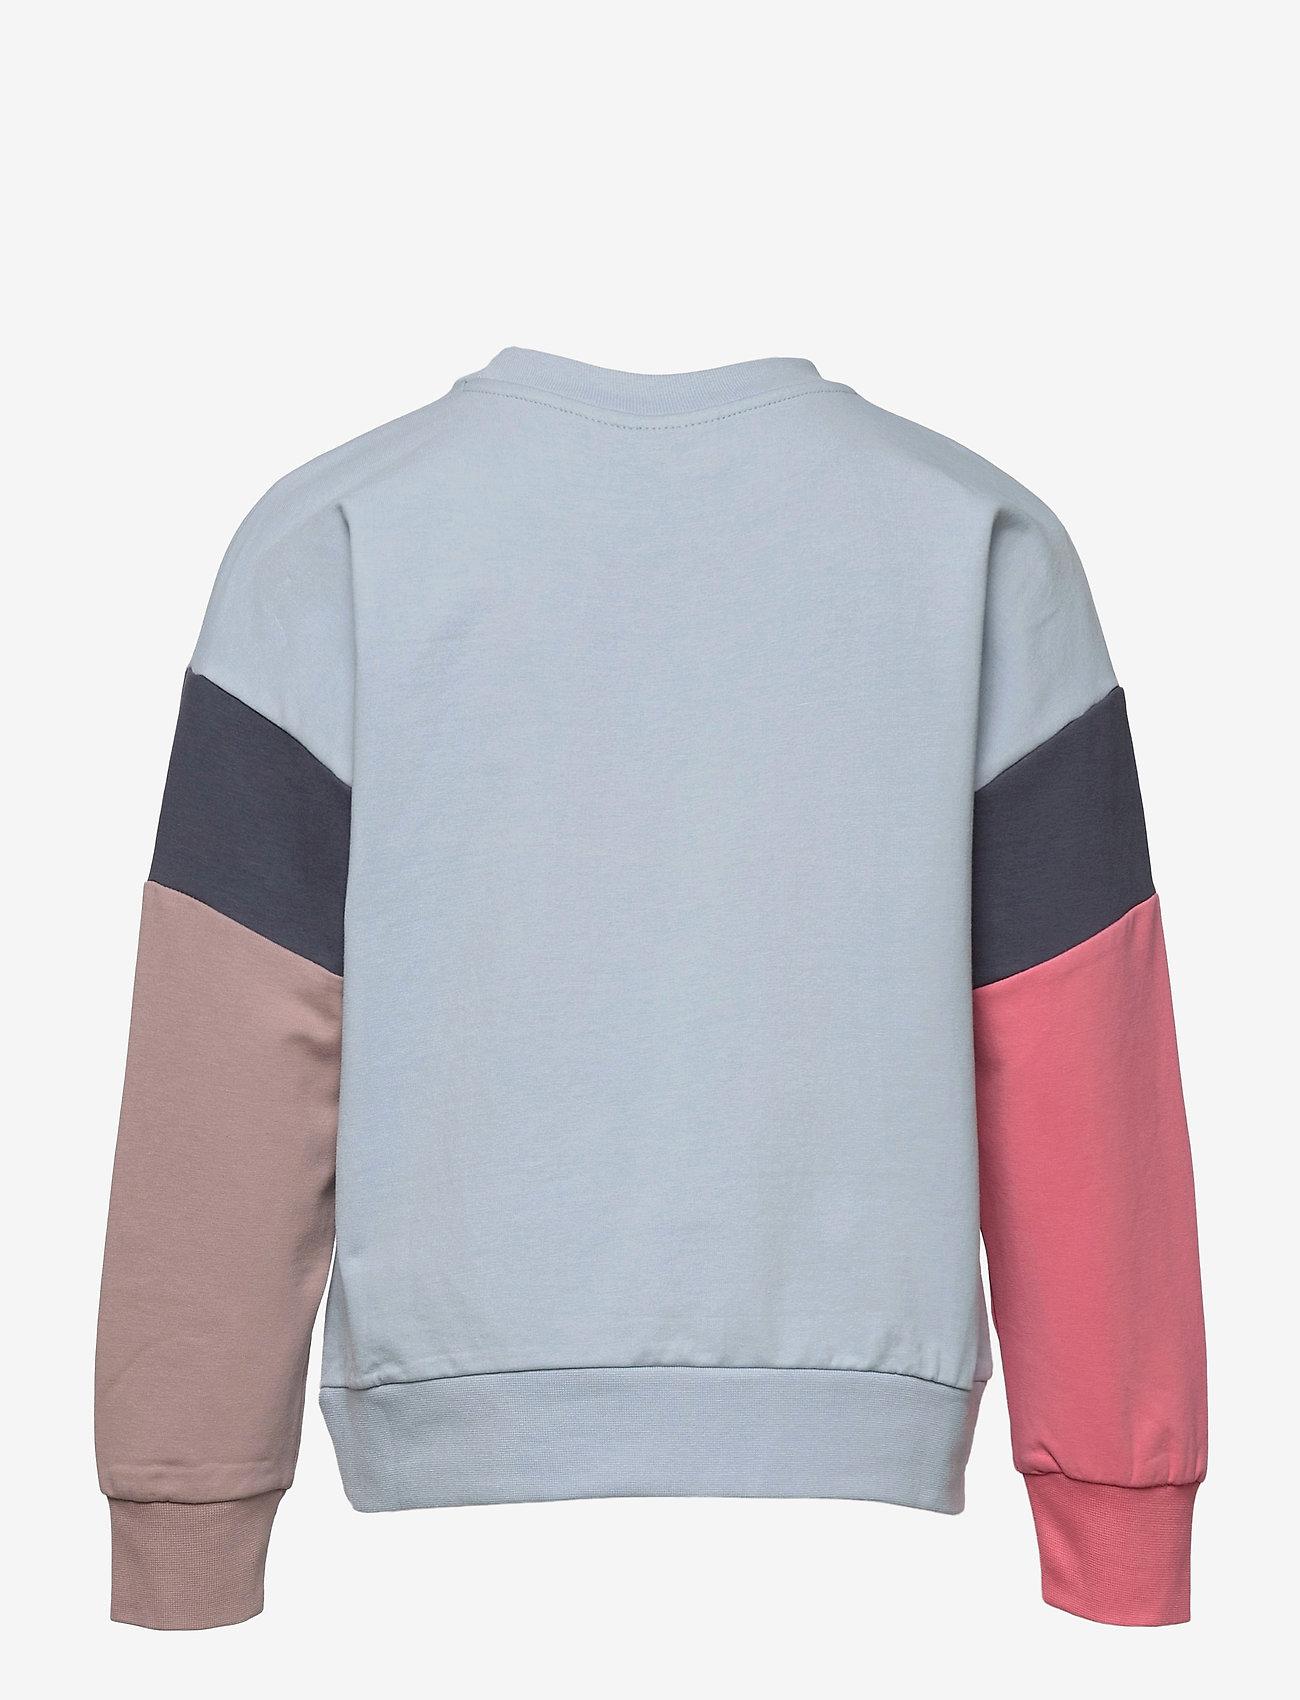 Hummel - hmlURSULA SWEATSHIRT - sweatshirts - blue fog - 1